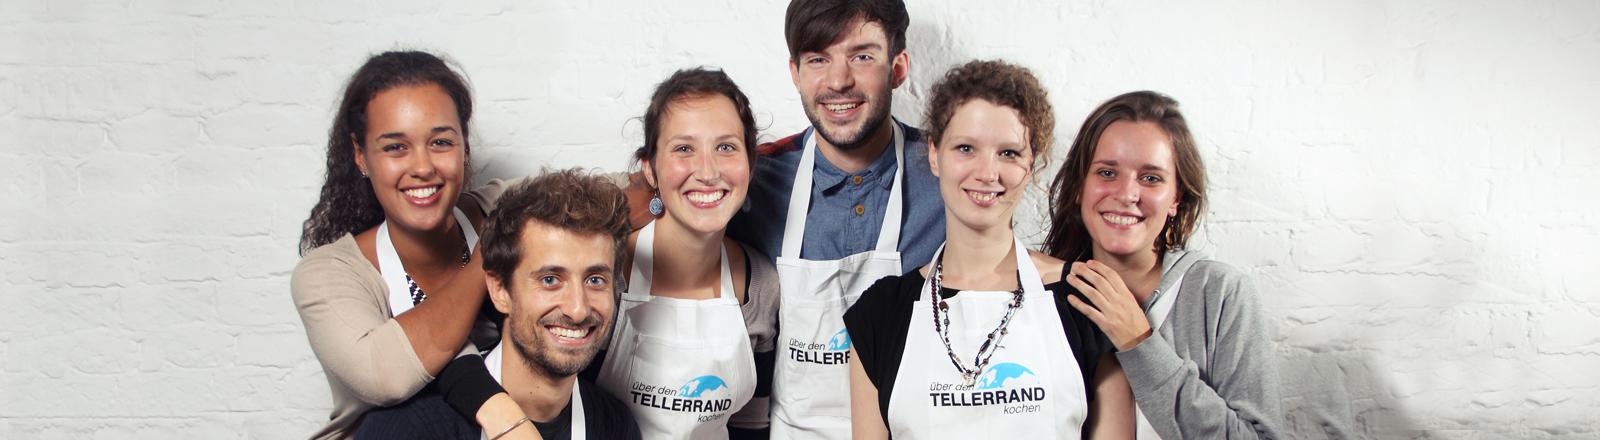 6 Berliner Studenten mit den Kochschürzen von Über den Tellerrand gucken